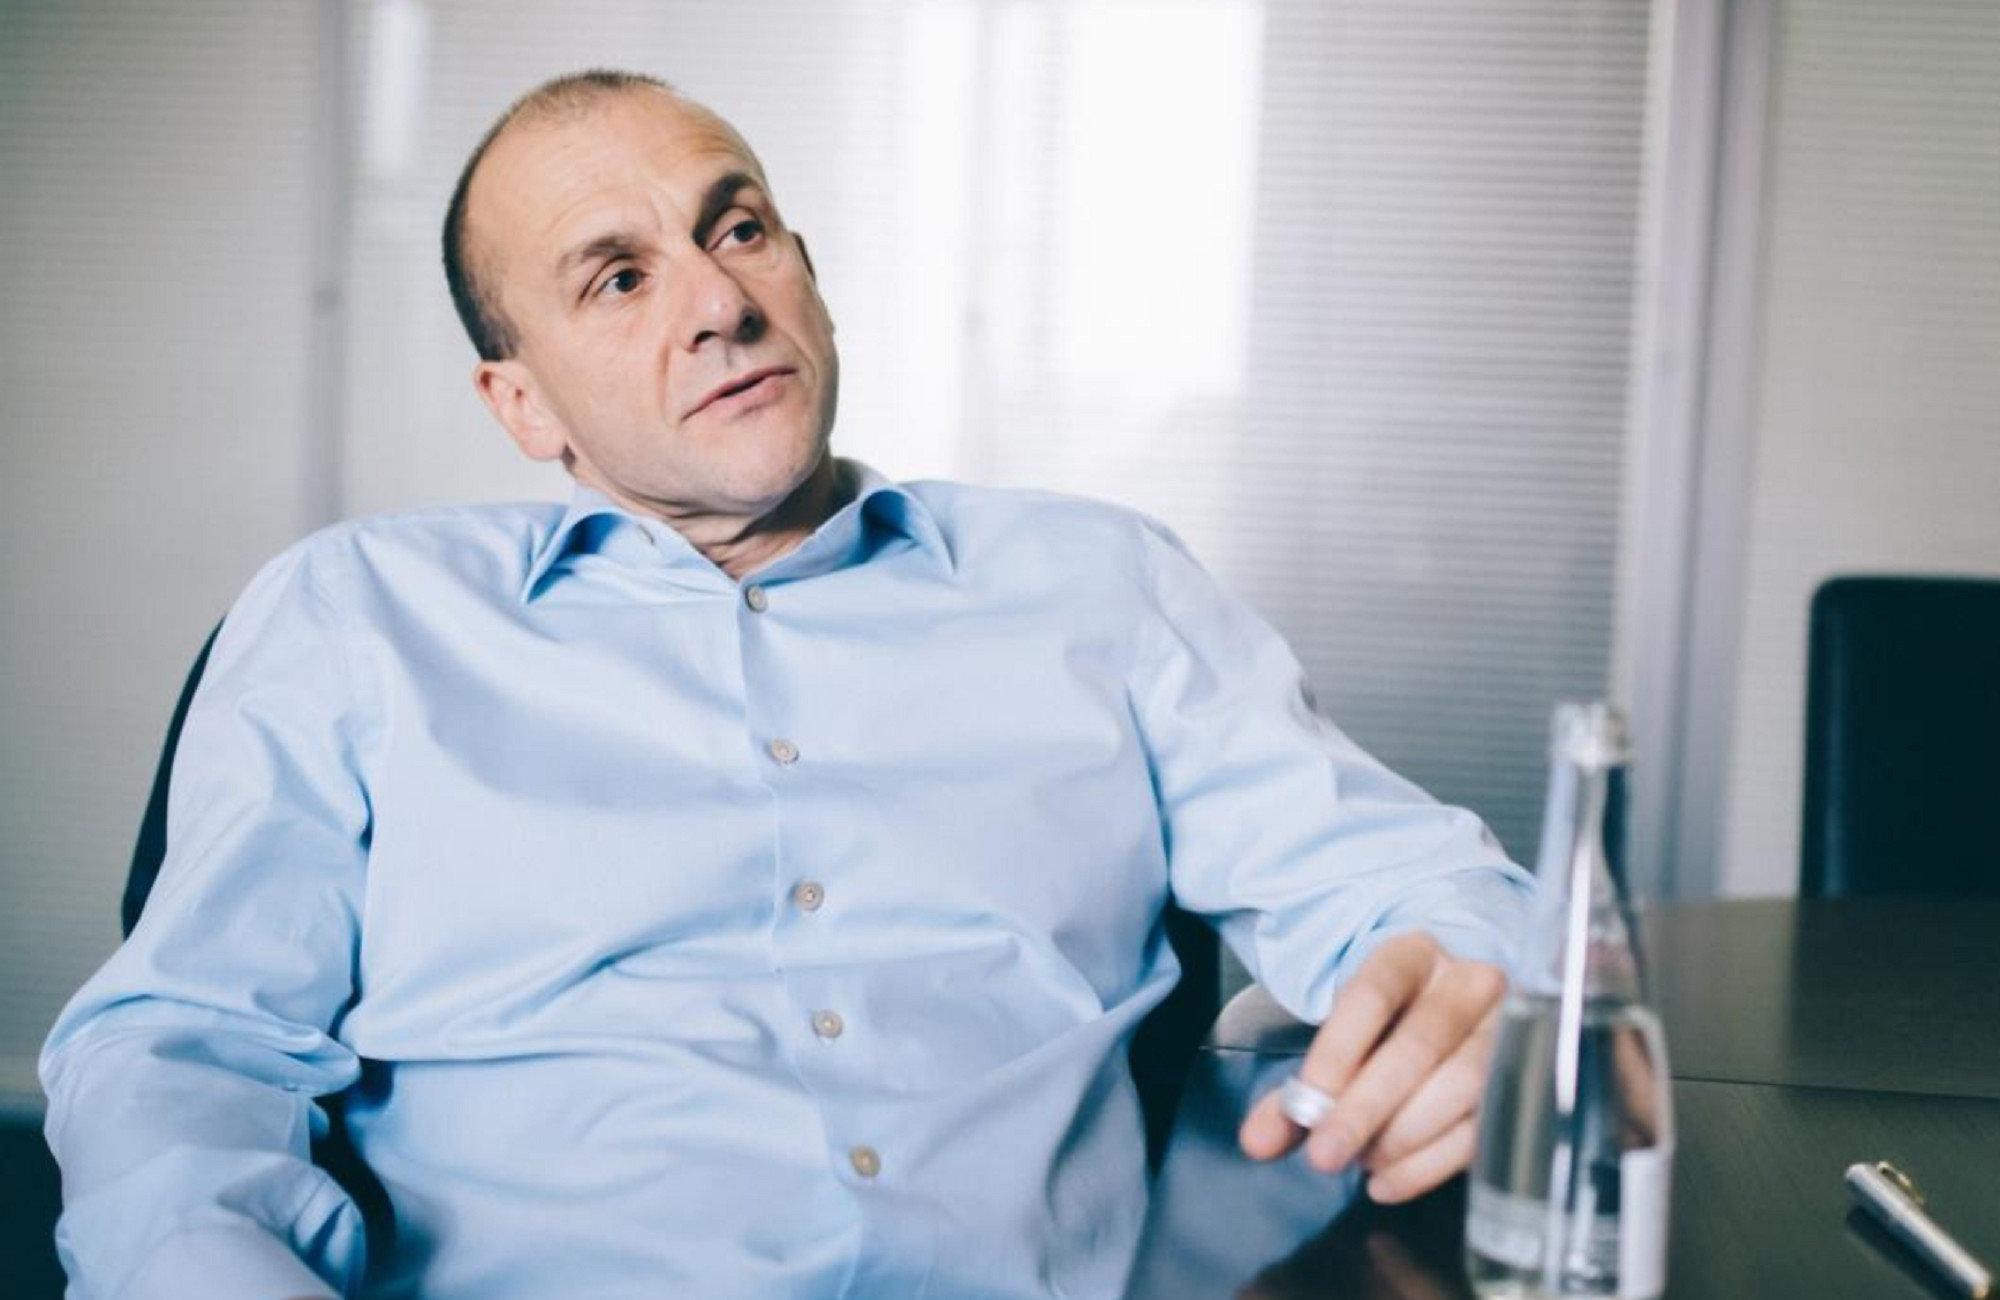 Россия заочно арестовала украинского миллиардера